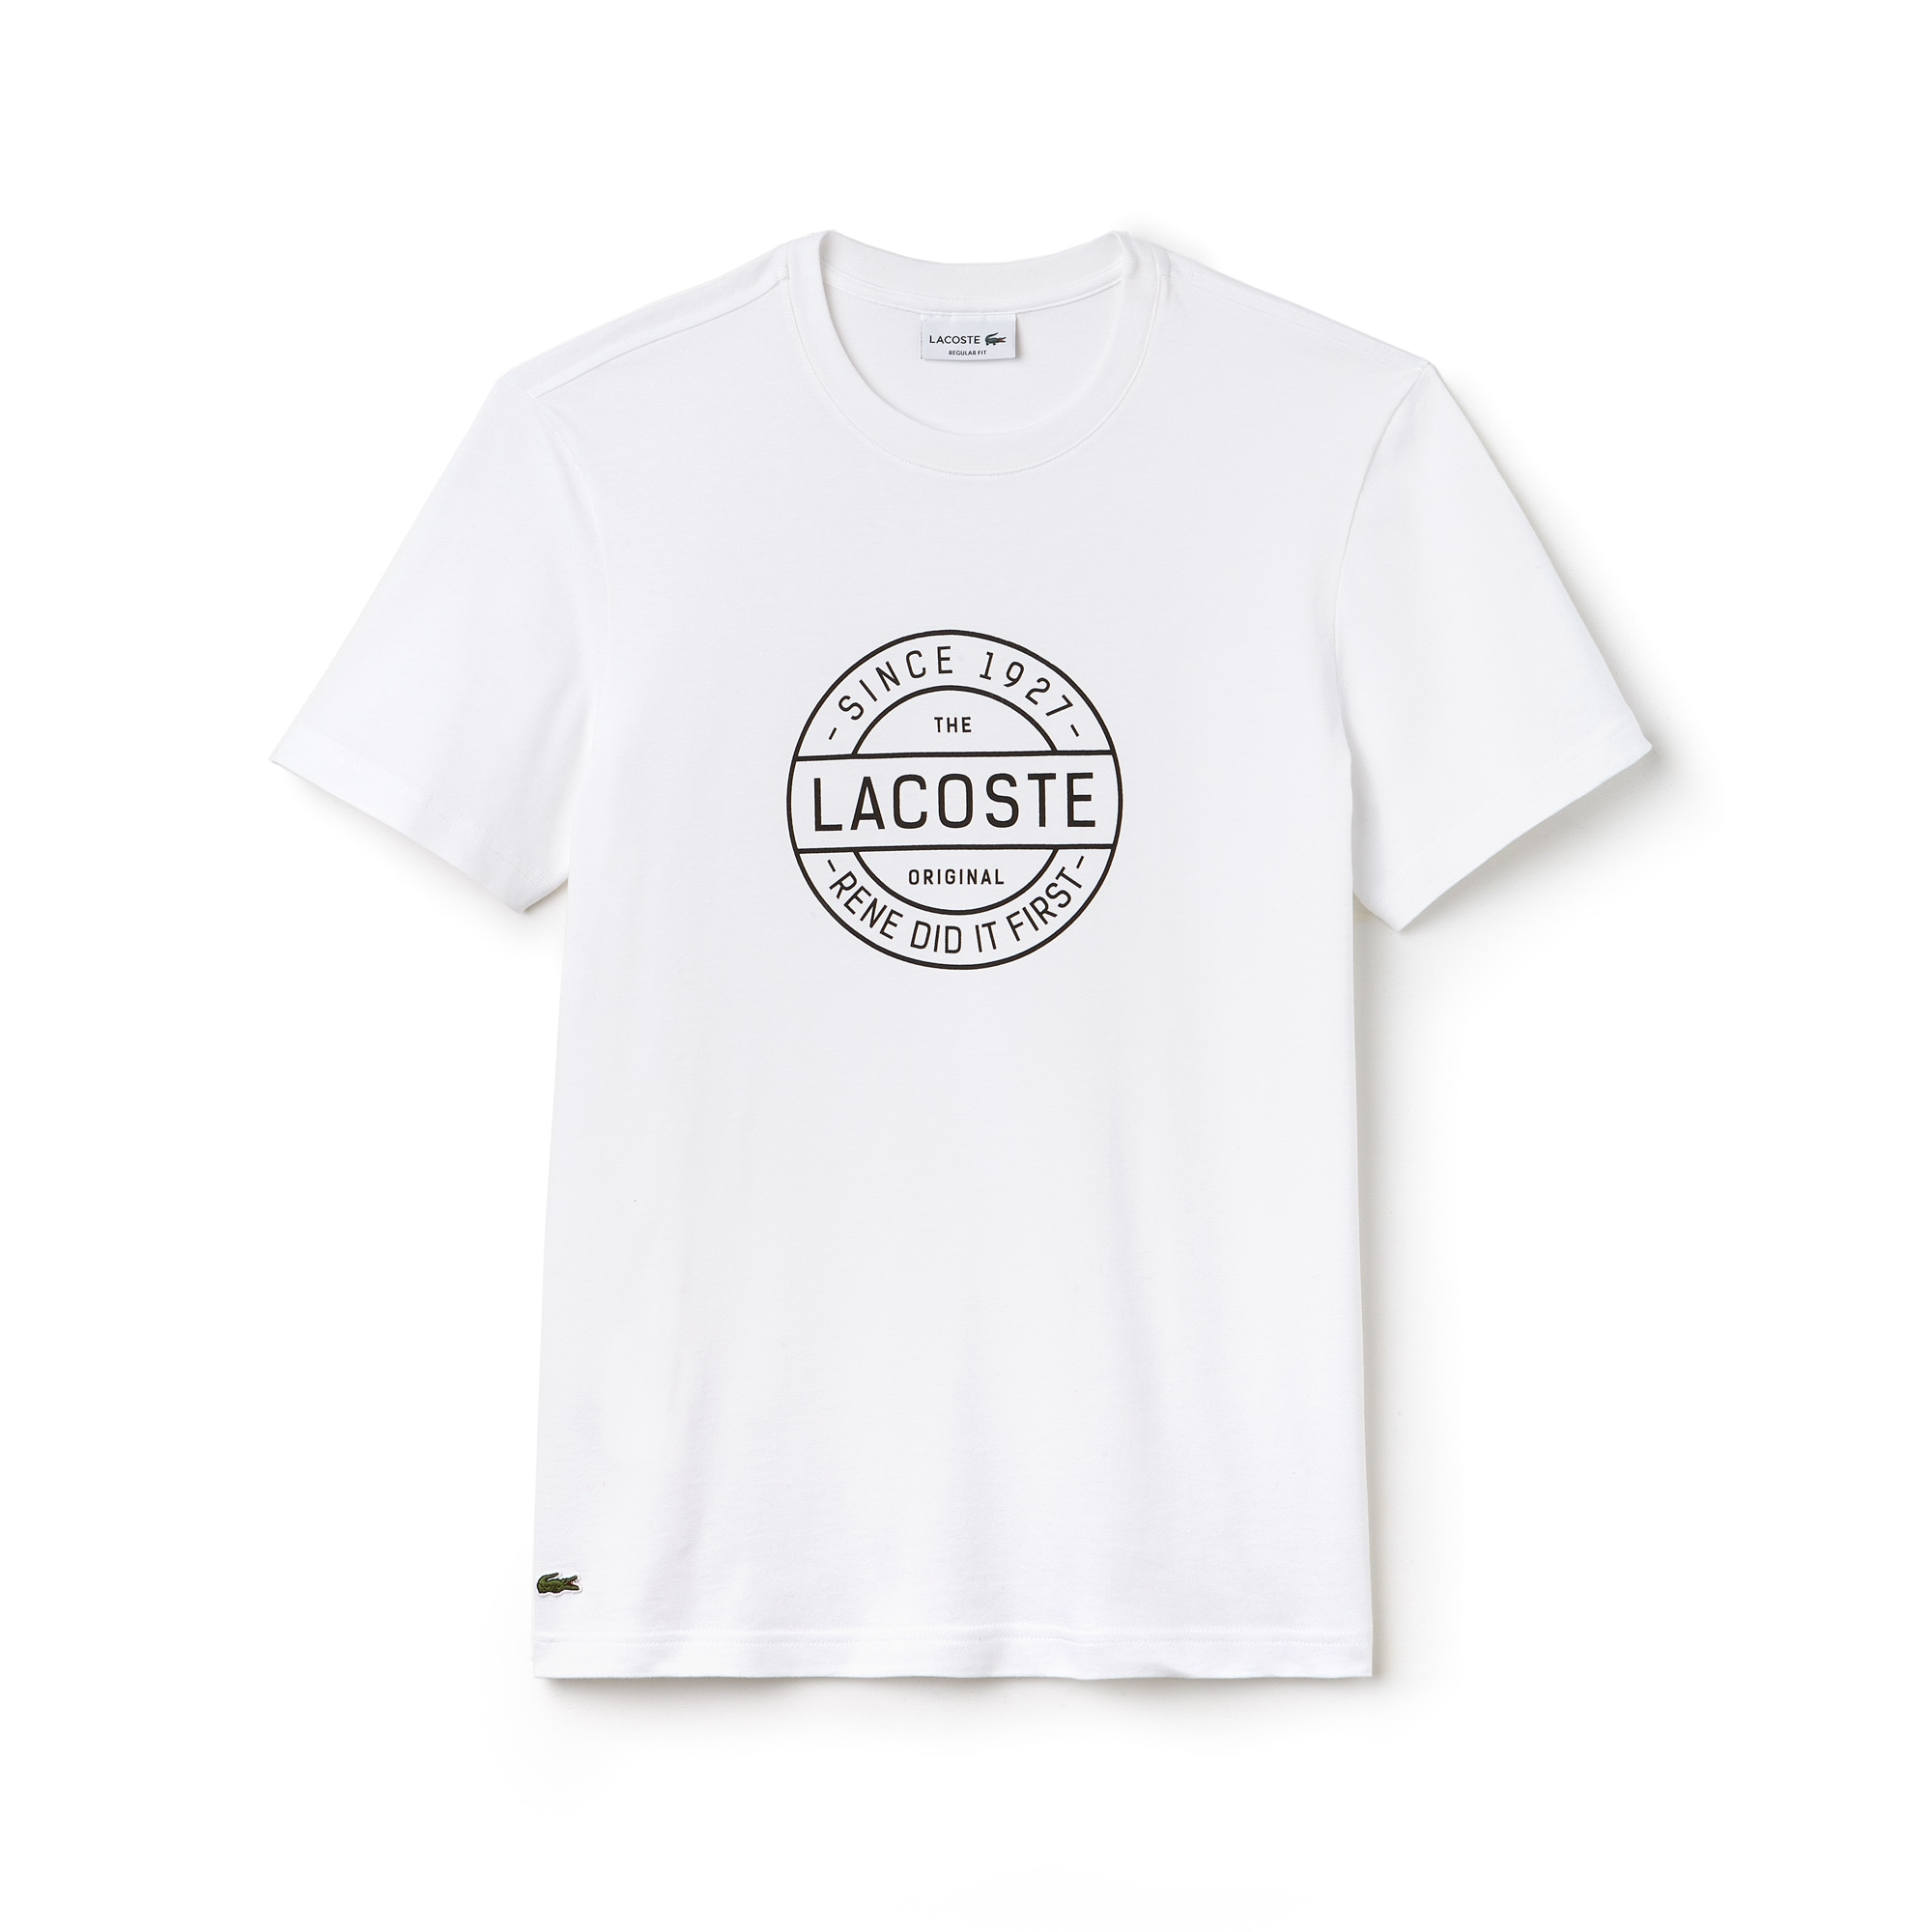 Camiseta Masculina em Jérsei de Algodão com Gola Redonda e Palavras Made in France